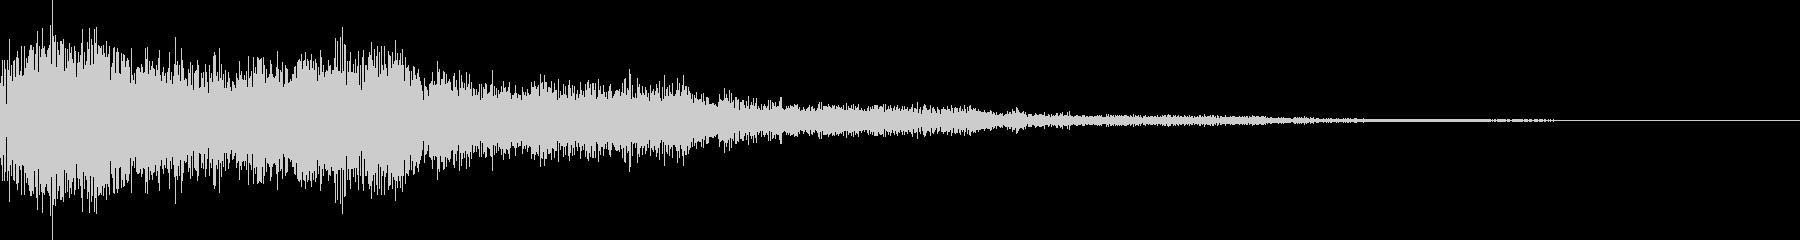 キラキラ感のあるパーンという音です。の未再生の波形